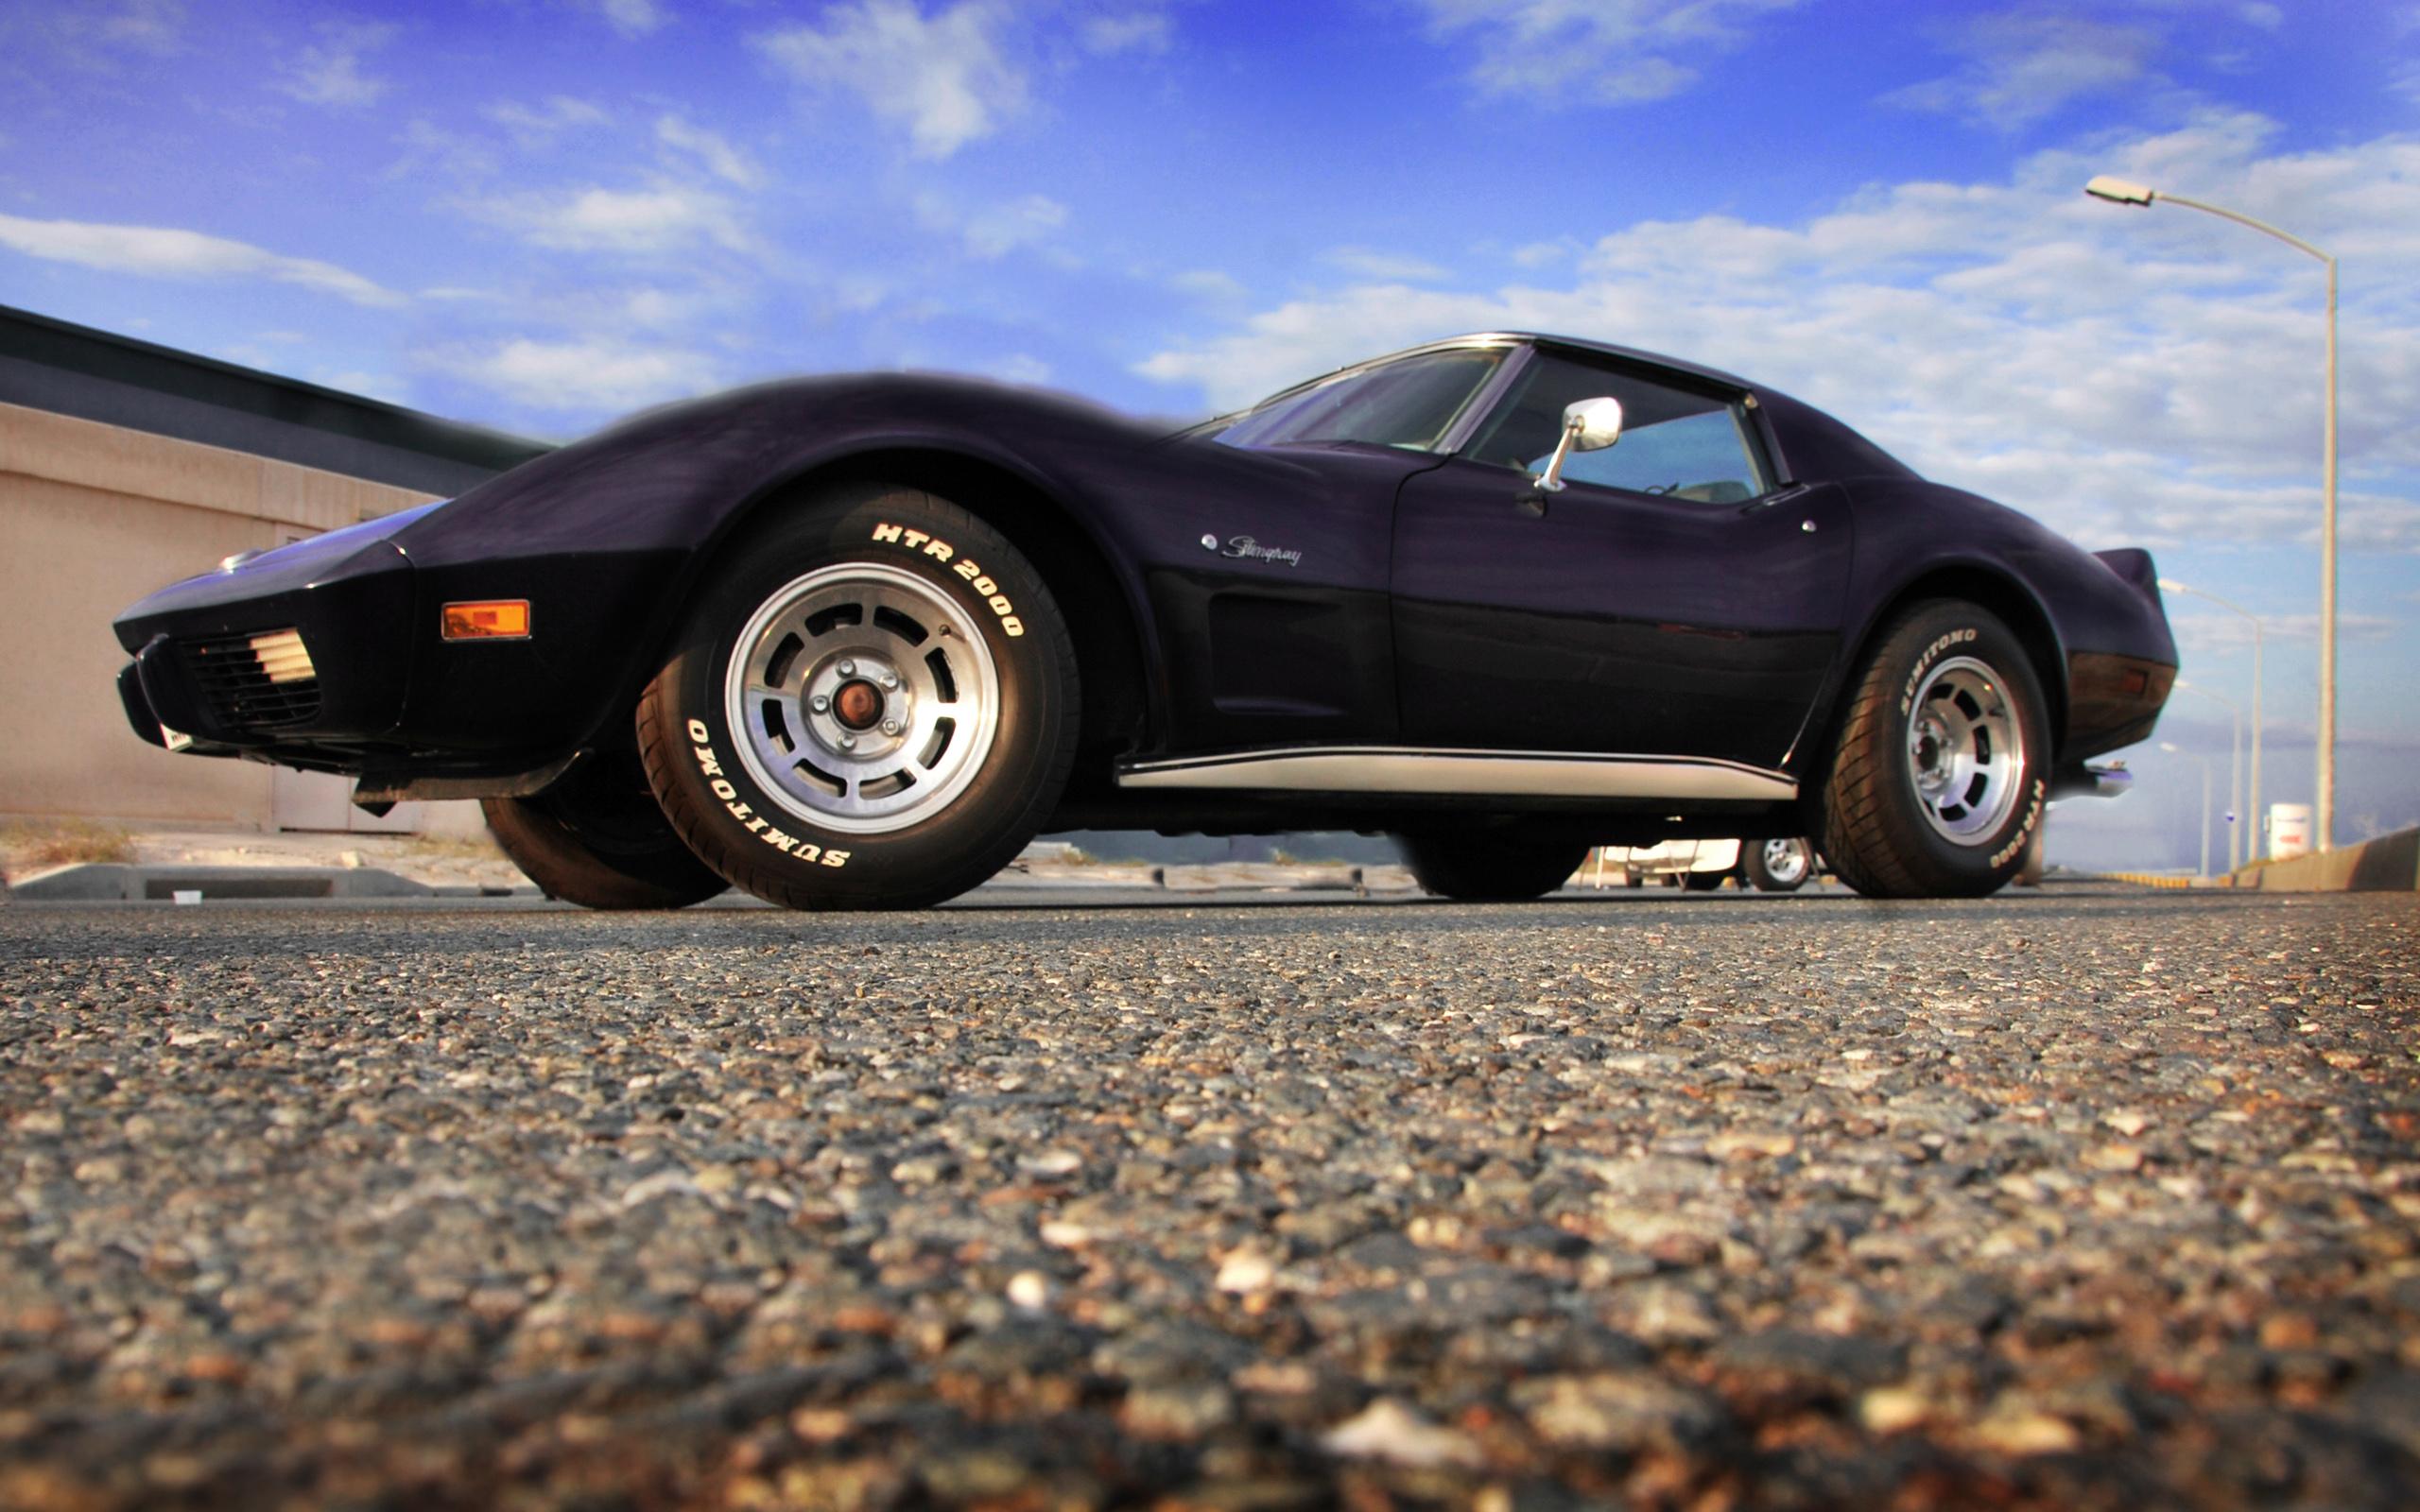 Chevrolet Corvette Stingray Full HD Wallpaper And Background Image